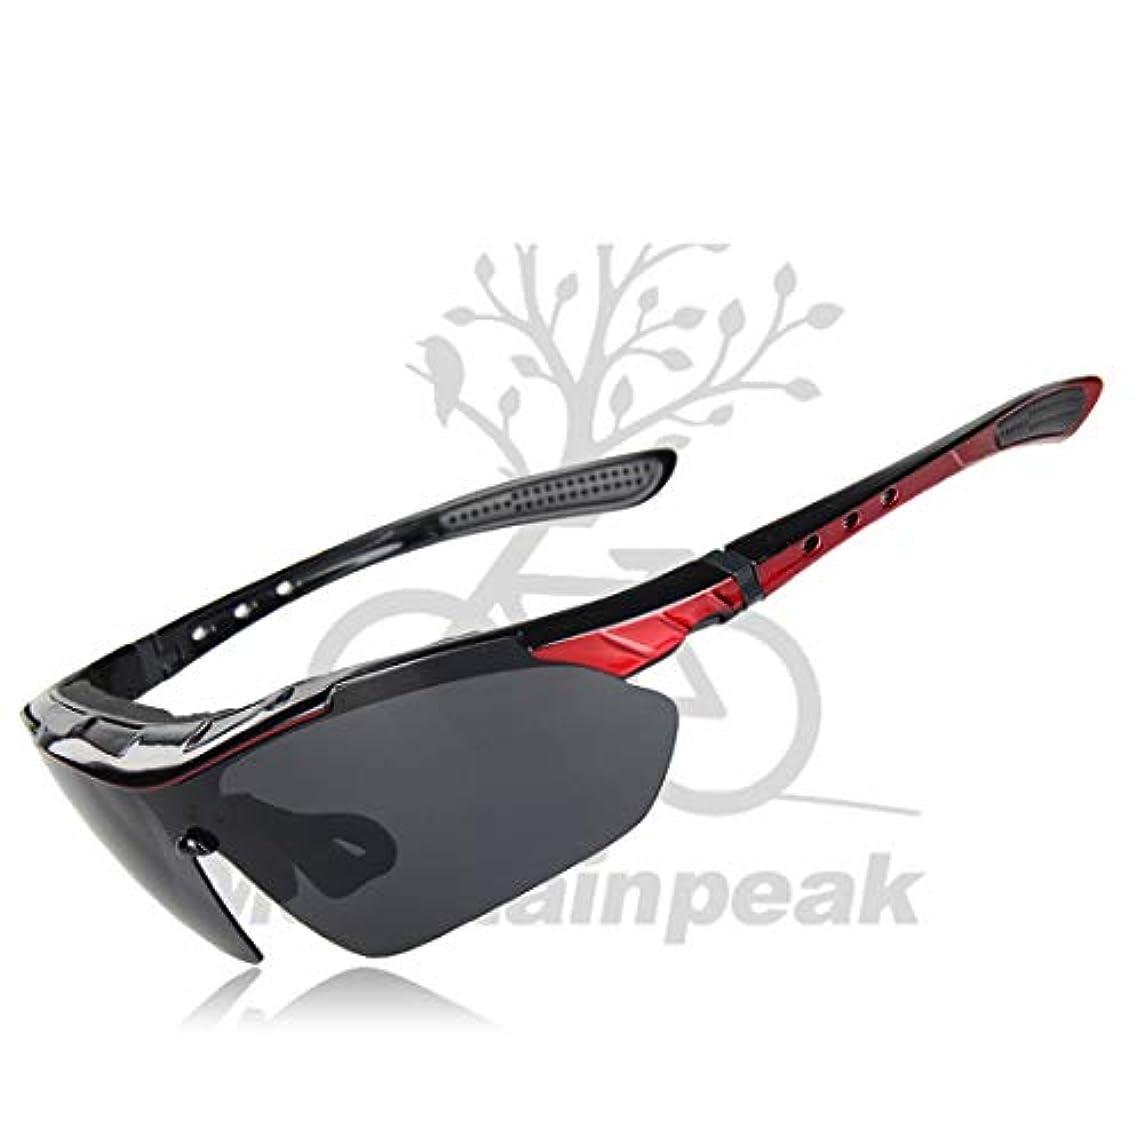 貫通するめまいパテCAFUTY サイクリング自転車メガネ屋外での使用に適した変色メガネの大人用屋外メガネ (Color : A002)